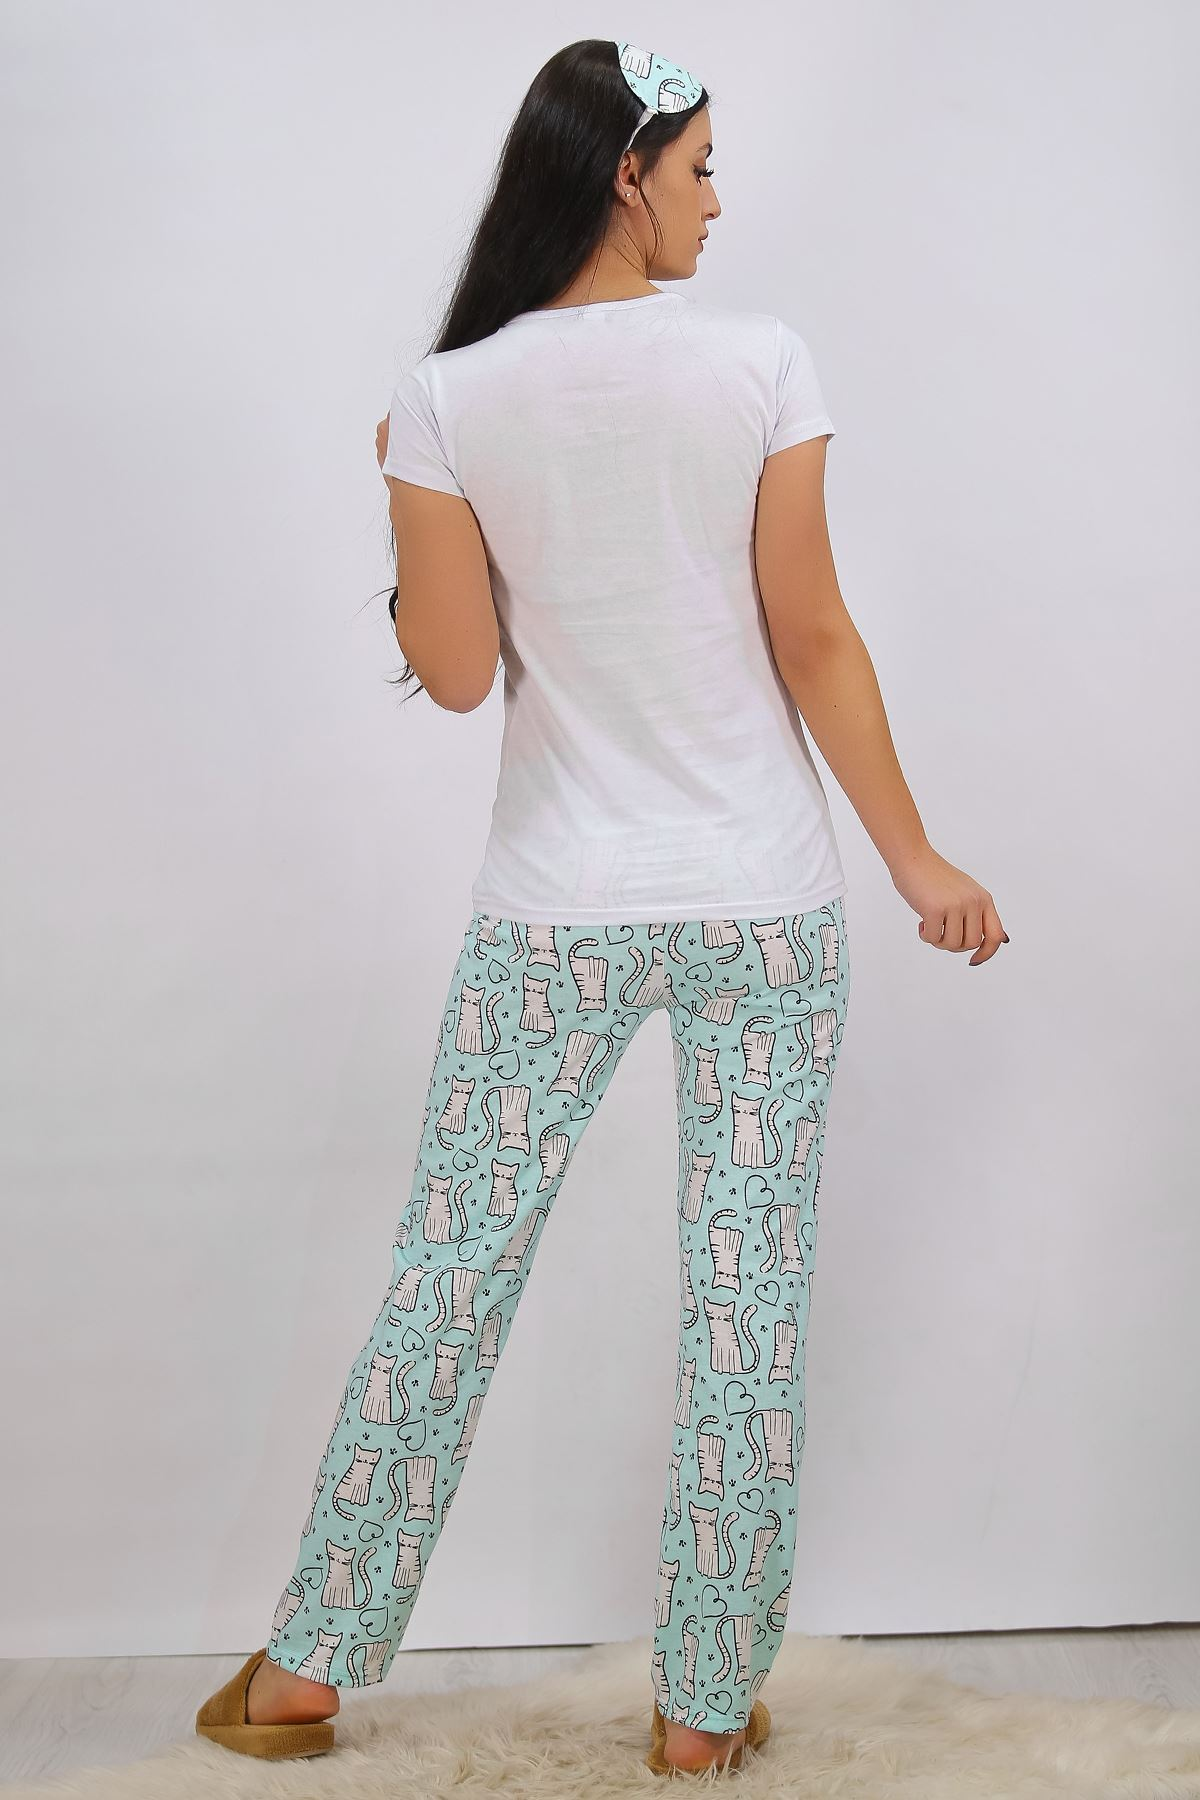 Baskılı Pijama Takımı Beyaz - 4696.102.